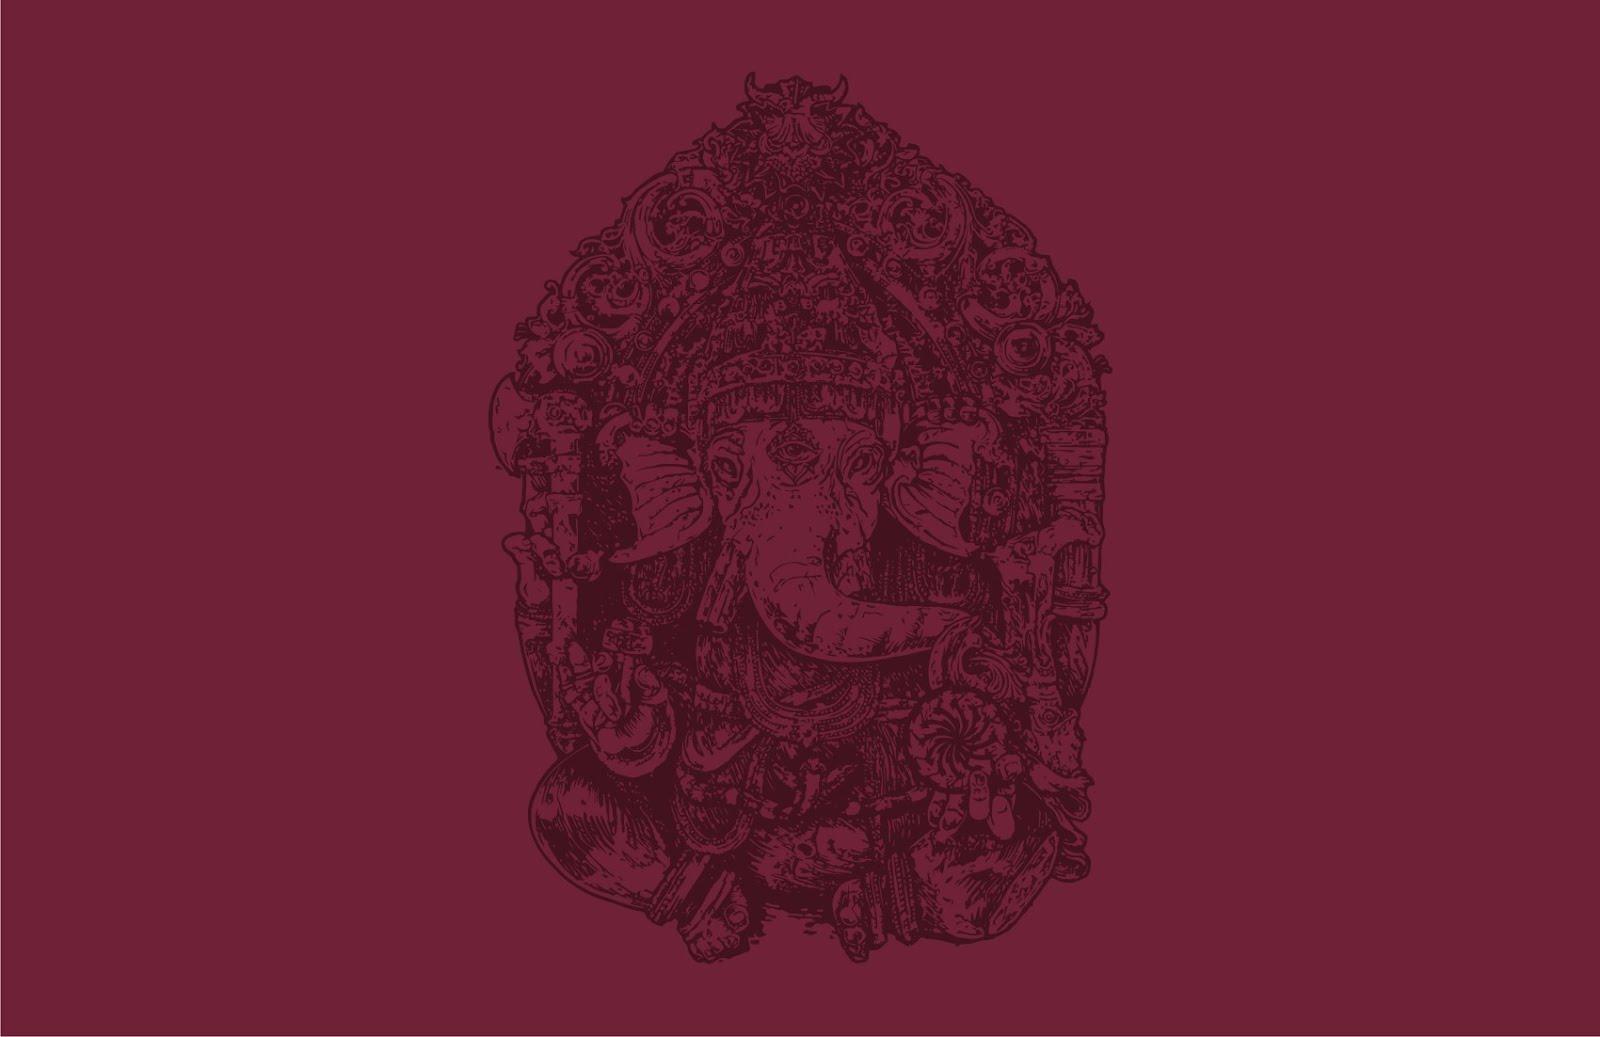 soundgarden-poster_newark_2011_back_vector